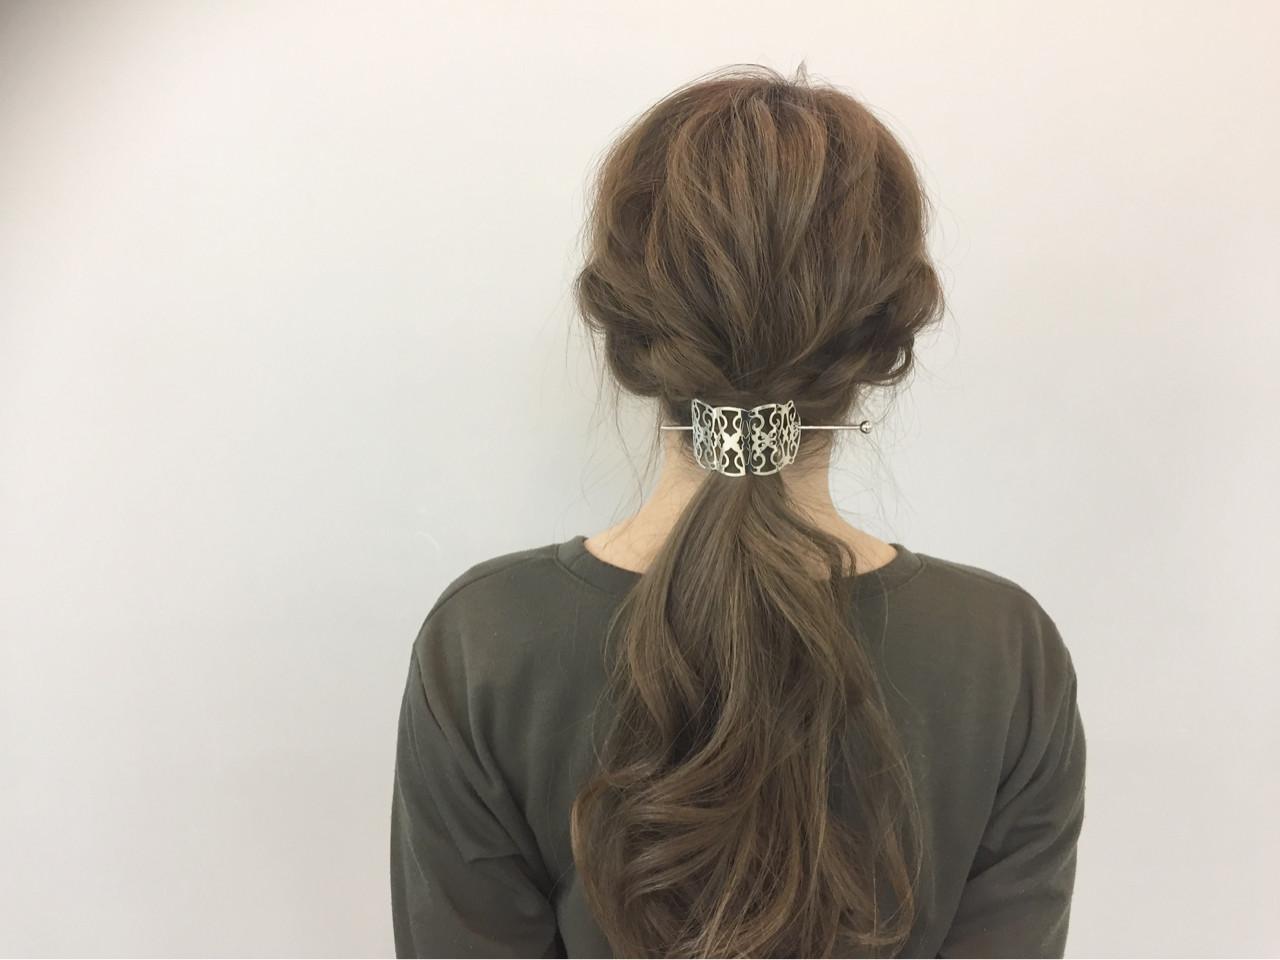 大きくゆる目に編み込みをいれ、アンティーク調のヘアアクセサリーを選べば、こなれたヘアスタイルができます。